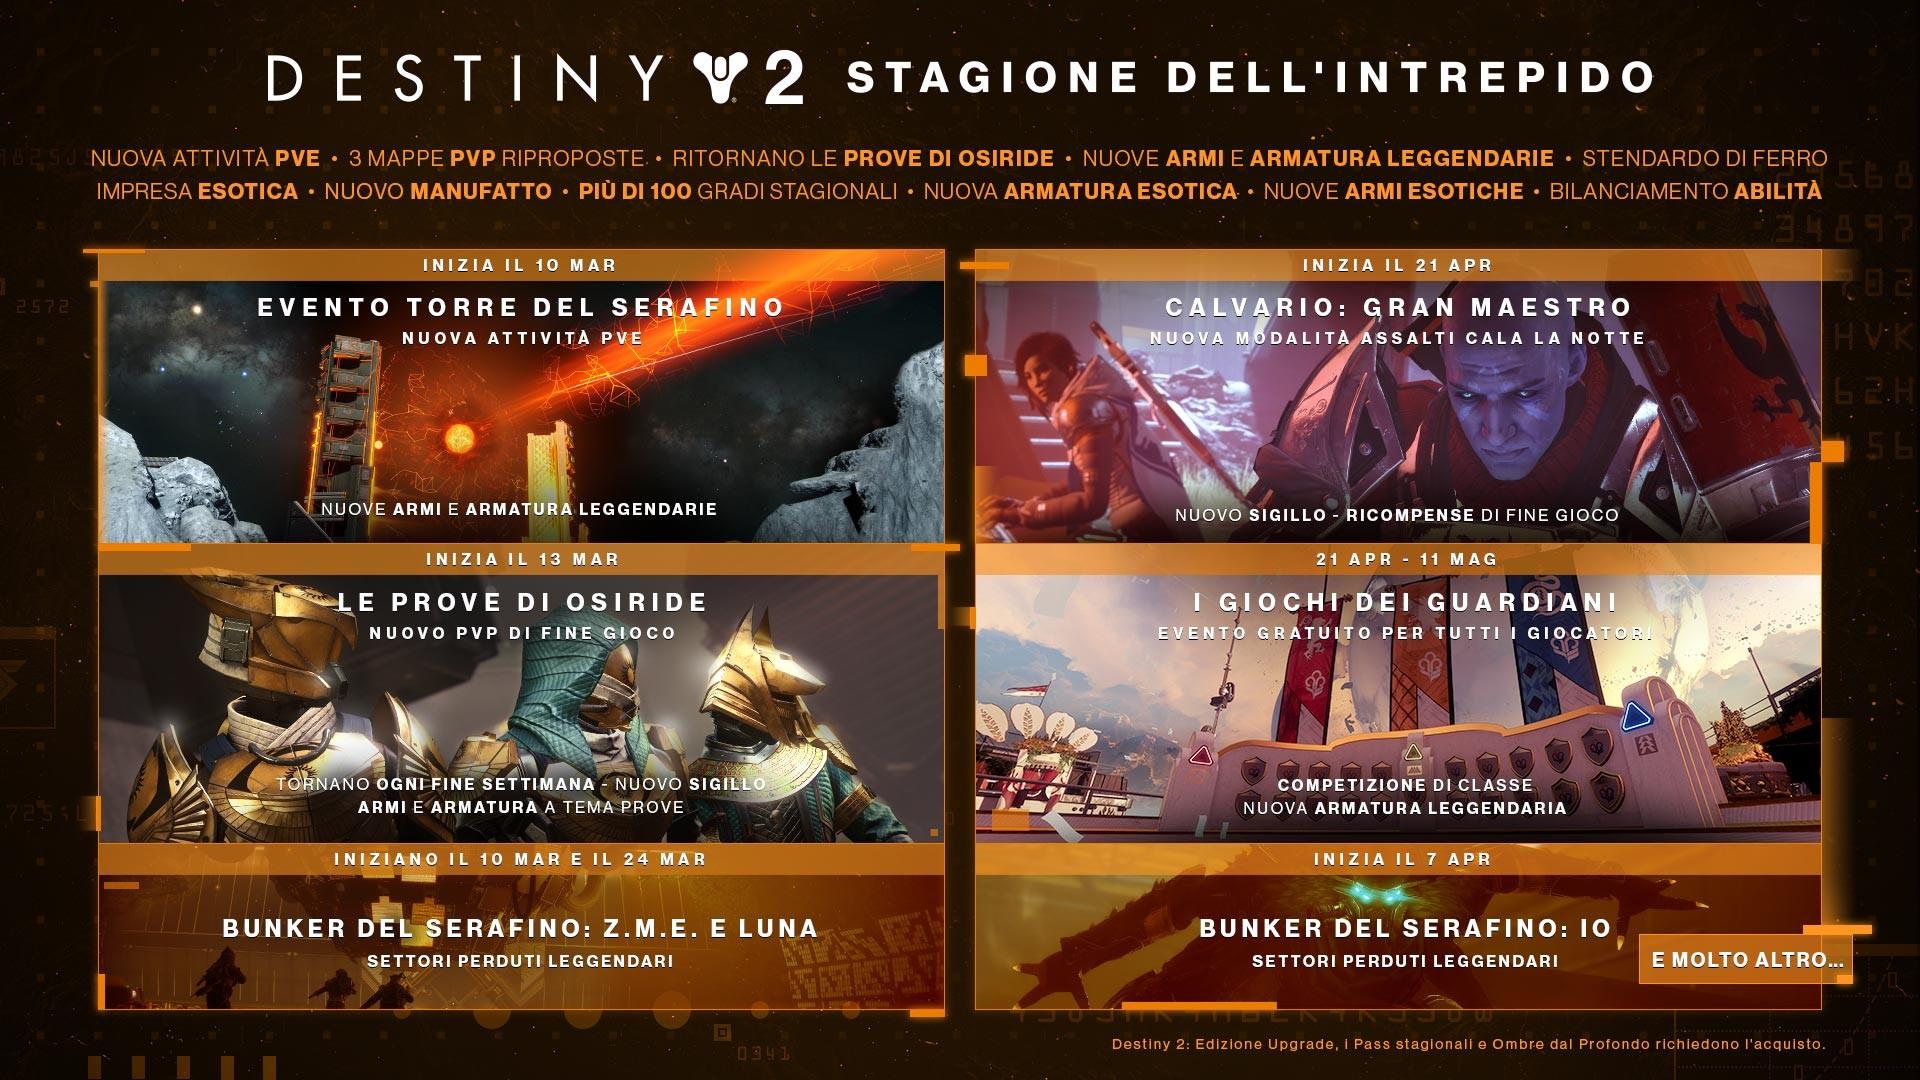 destiny-2-ombre-dal-profondo_notizia-2.j